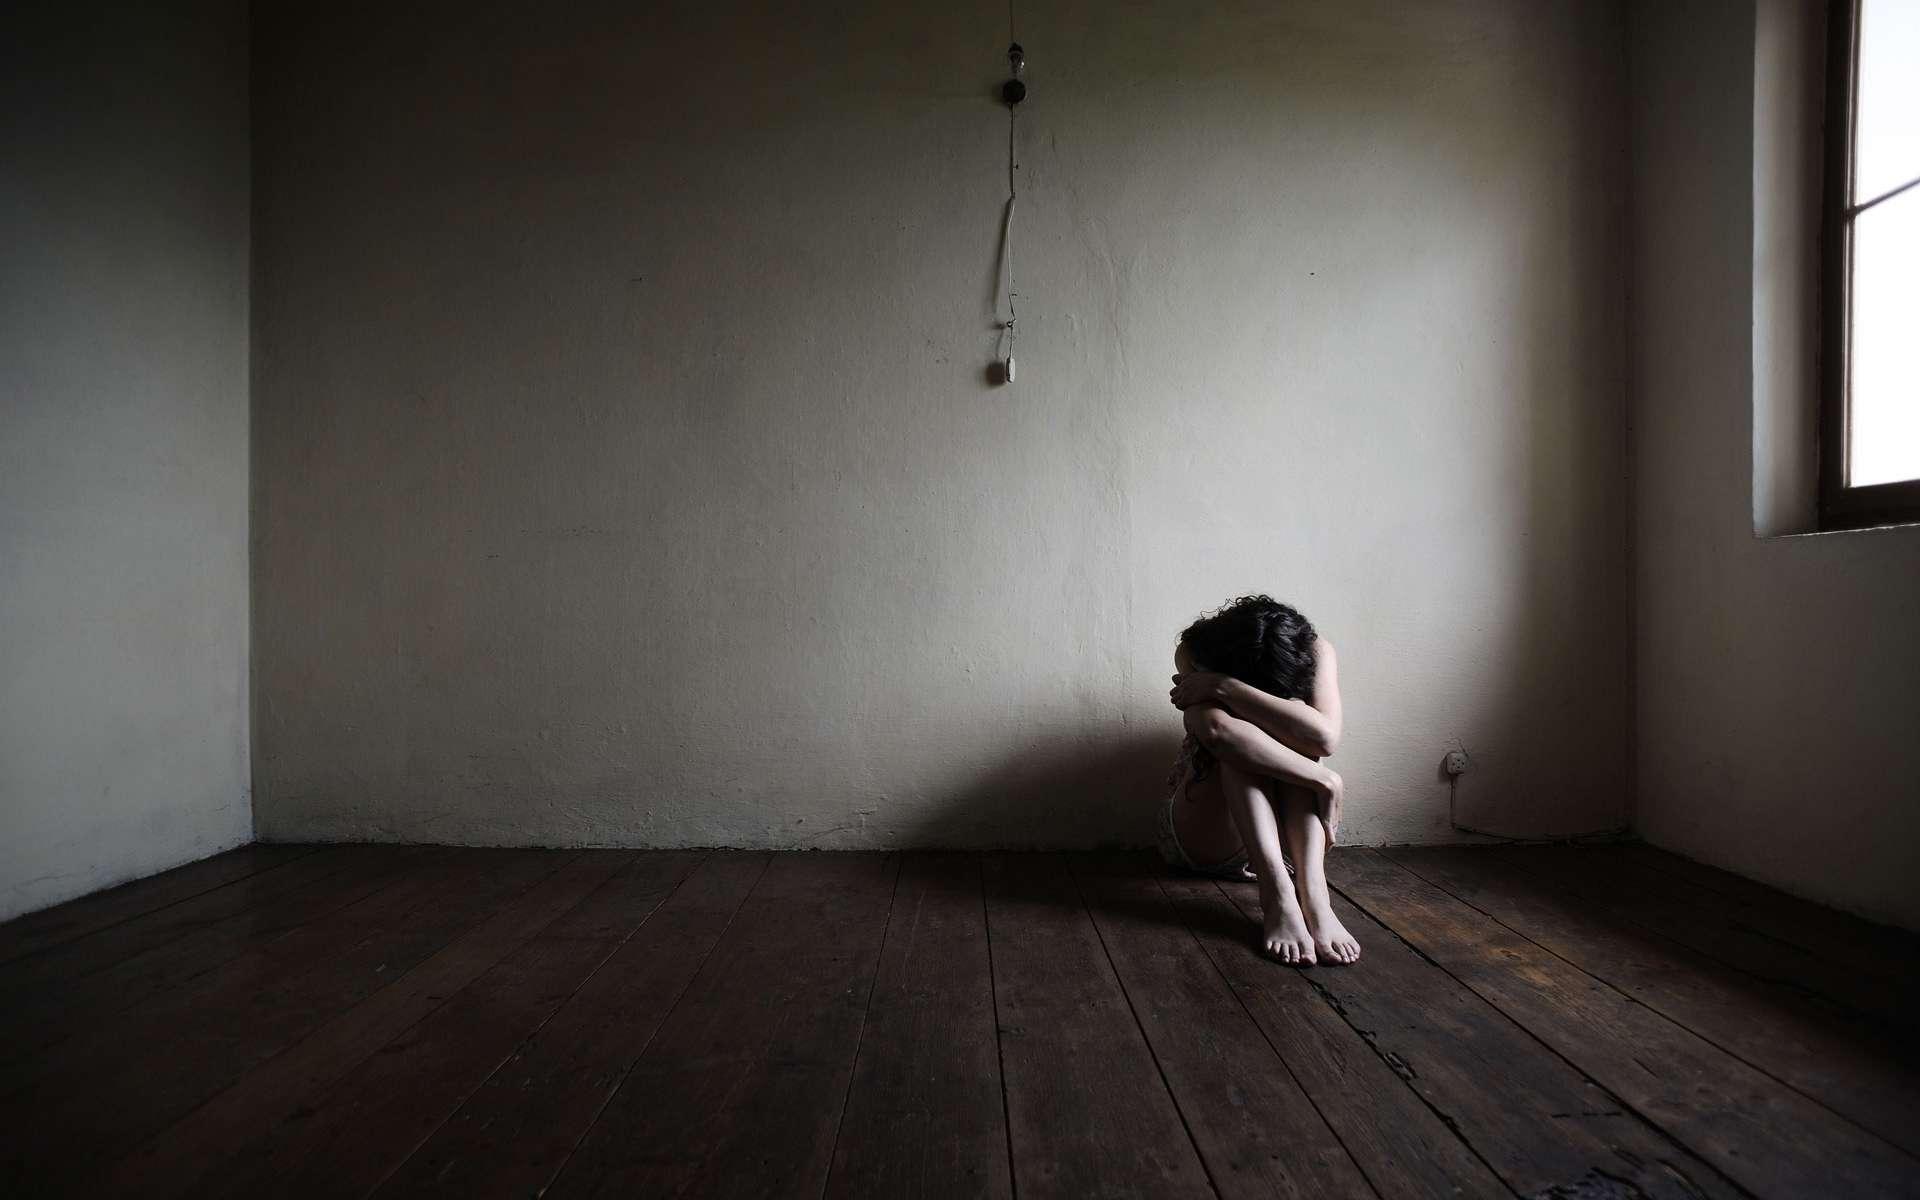 Le syndrome de Cotard est une forme de dépression à cause de laquelle le patient pense être mort ©stokkete, Envato elements